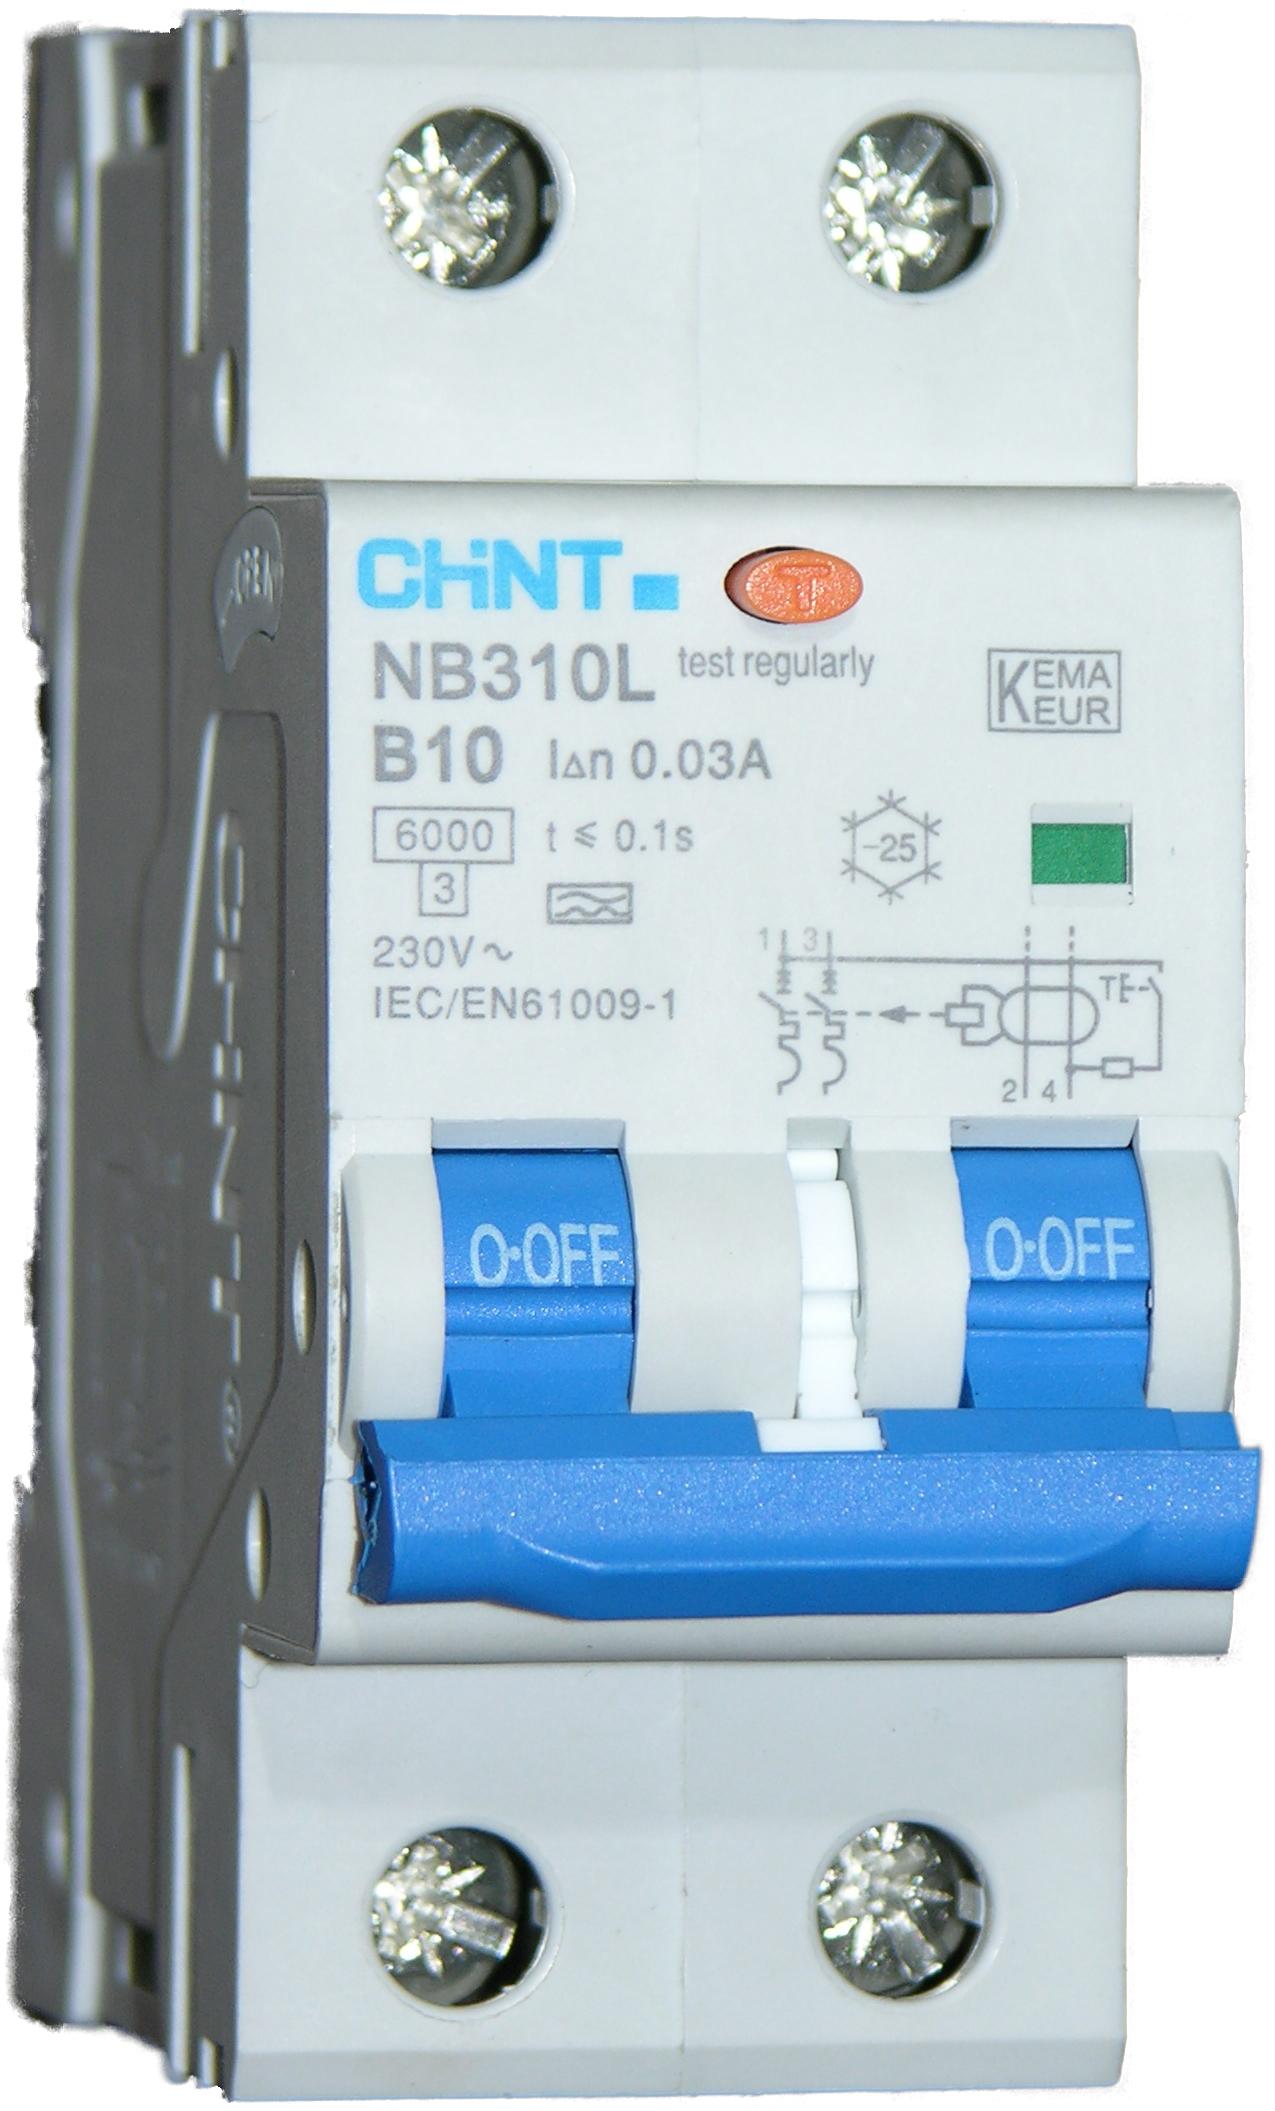 NB310L2PChint